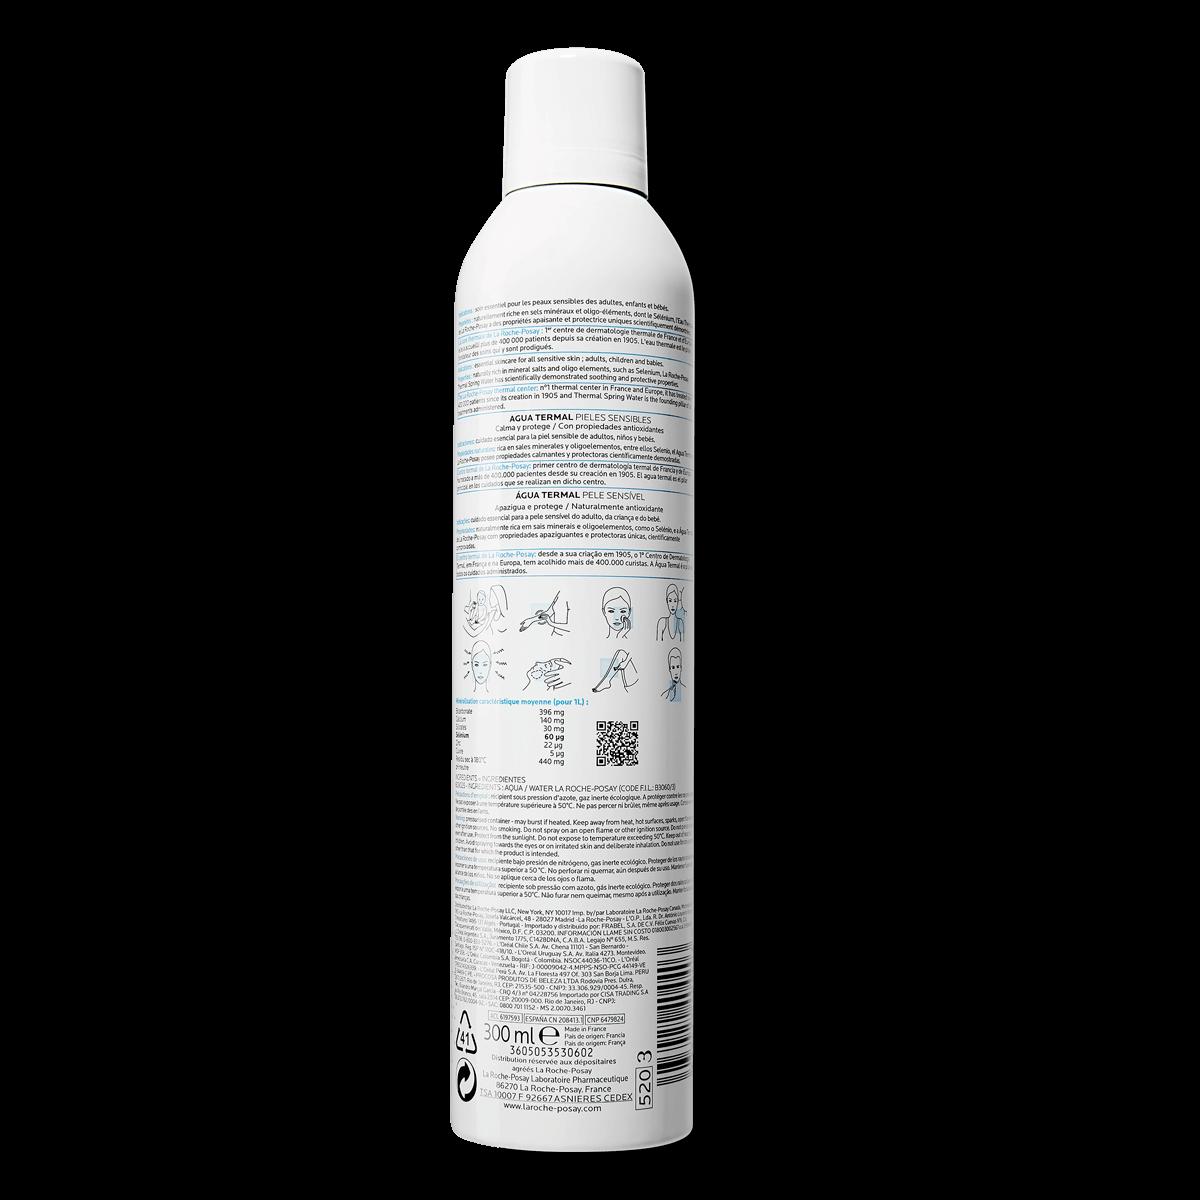 Woda termalna do twarzy WODA TERMALNA Z LA ROCHE-POSAY 300 ml Tył | La Roche Posay